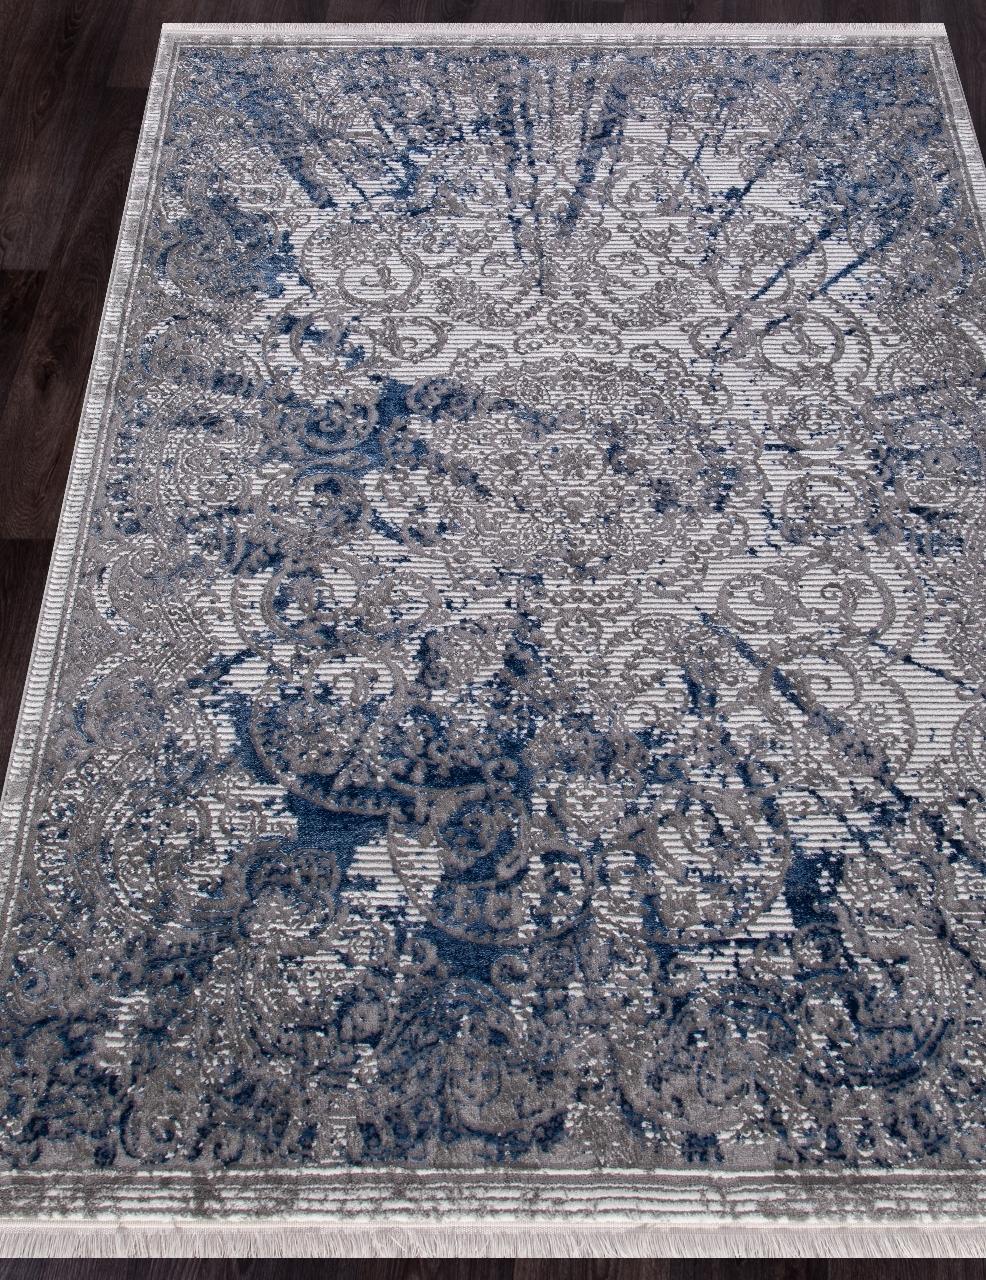 Ковер AS 786 - NAVY / GREY - Прямоугольник - коллекция MOROCCO